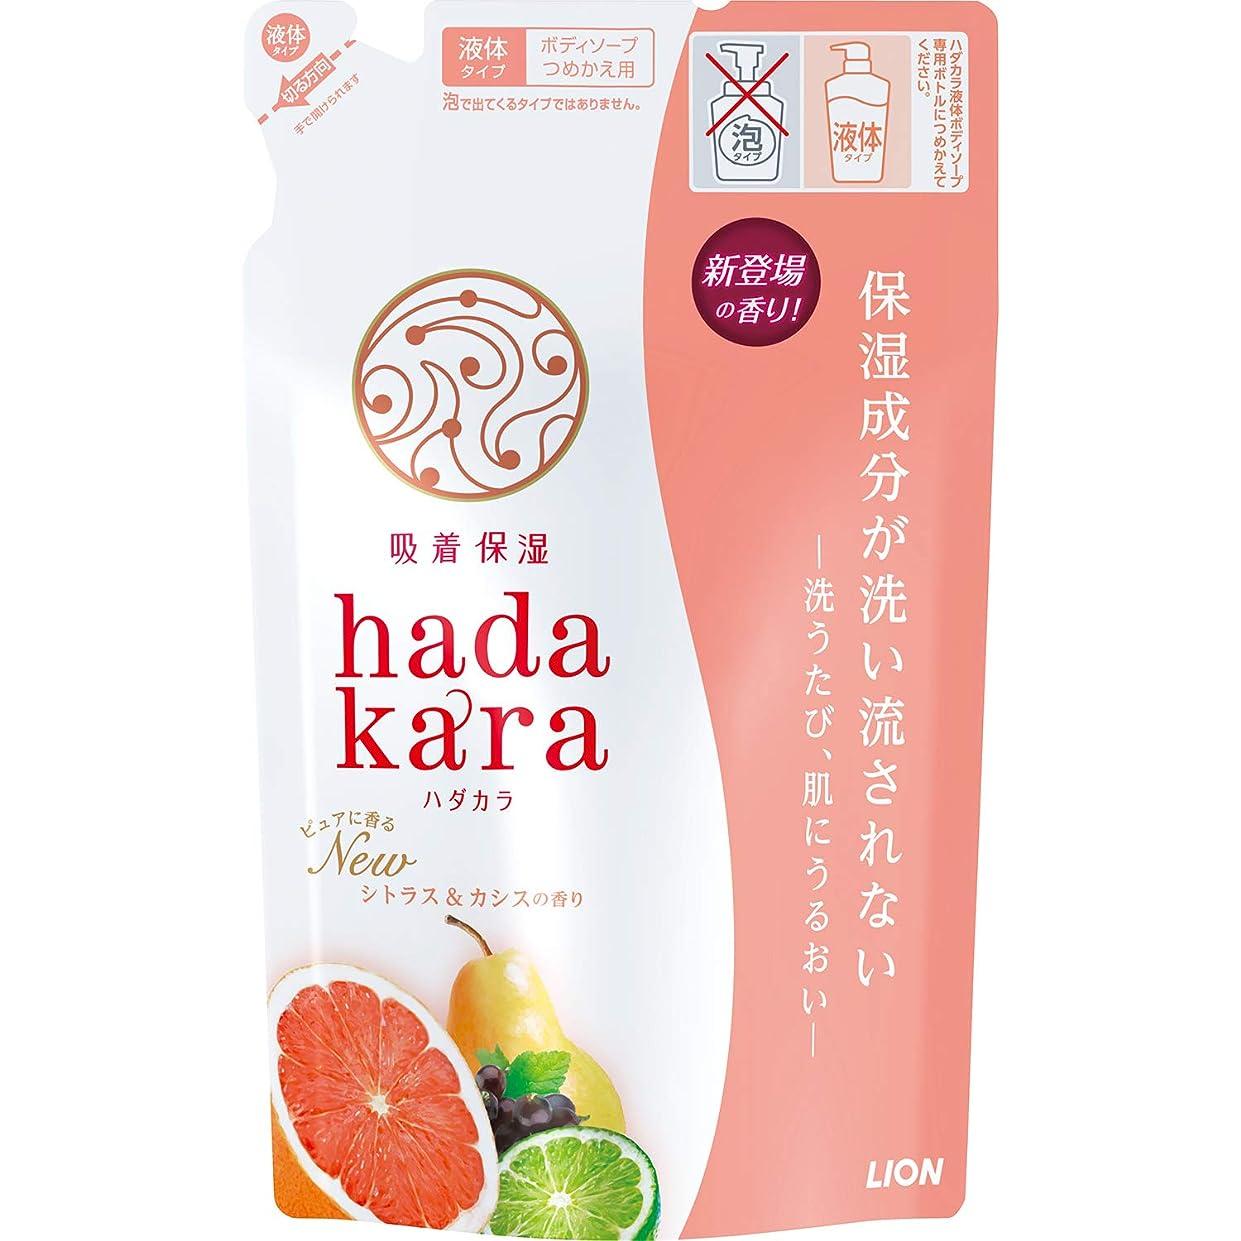 懲らしめイデオロギーテセウスhadakara(ハダカラ)ボディソープ シトラス&カシスの香り つめかえ 360ml